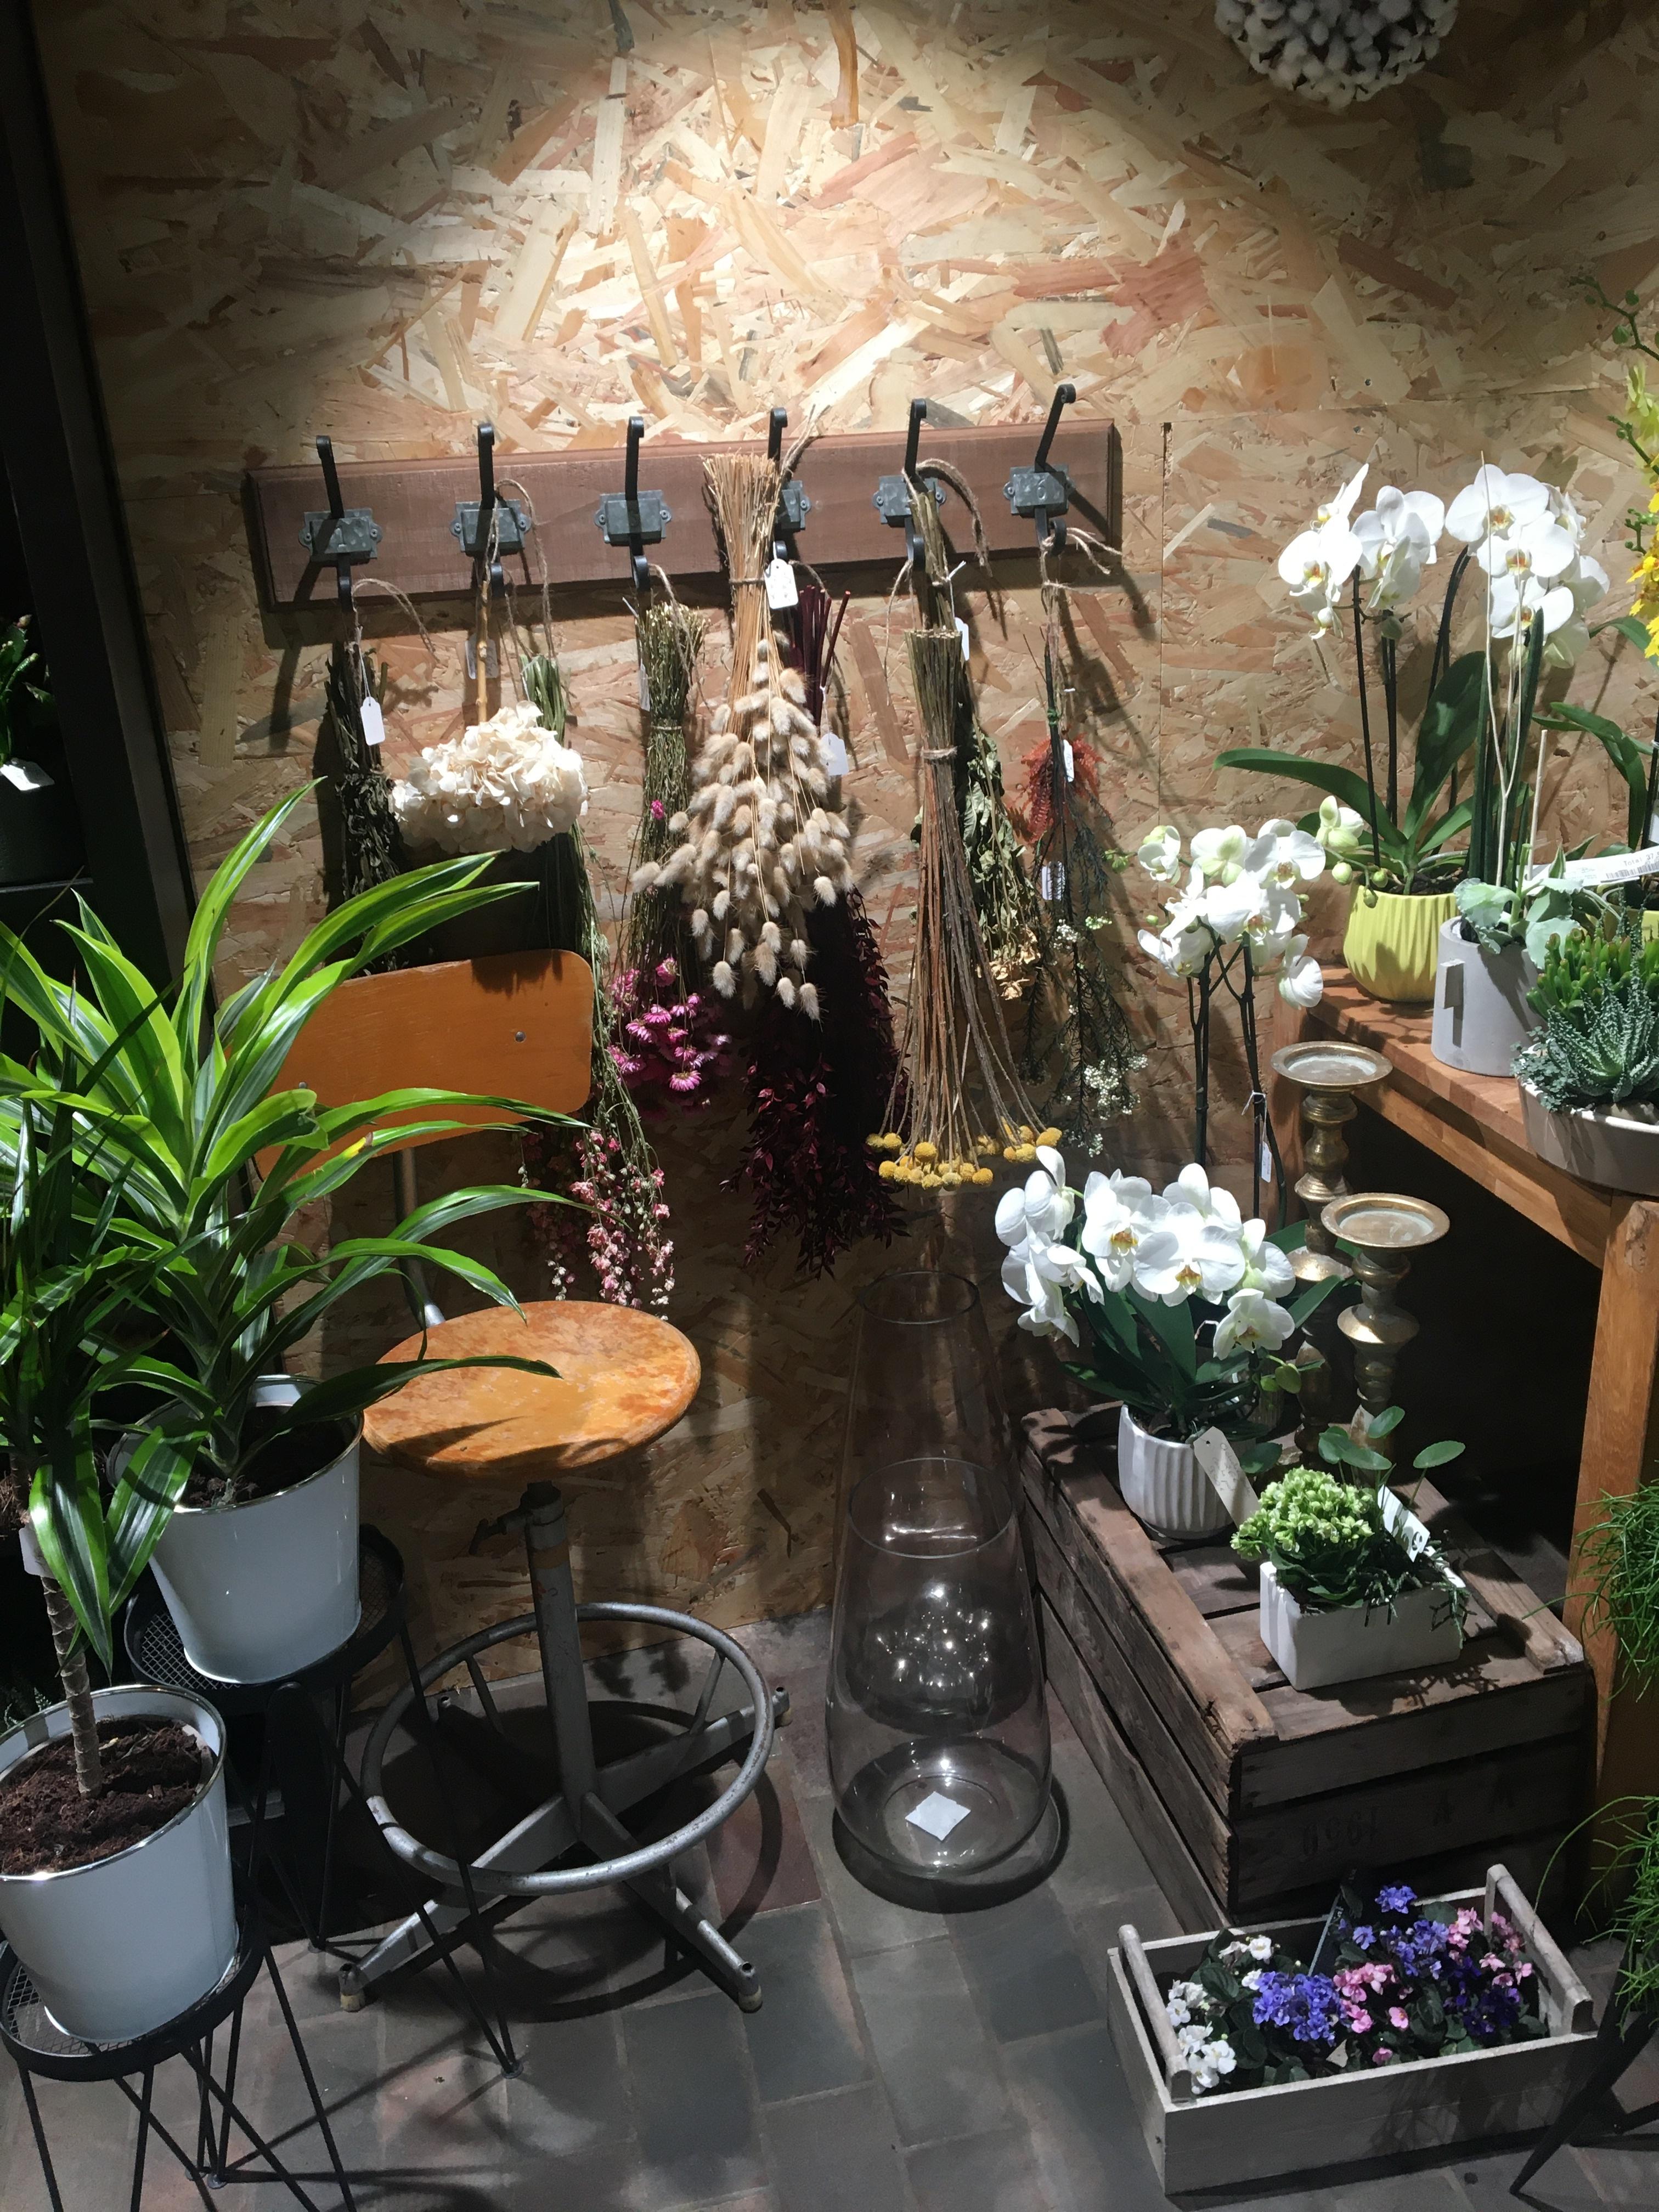 Galerie d'image - Fleurs Blanc